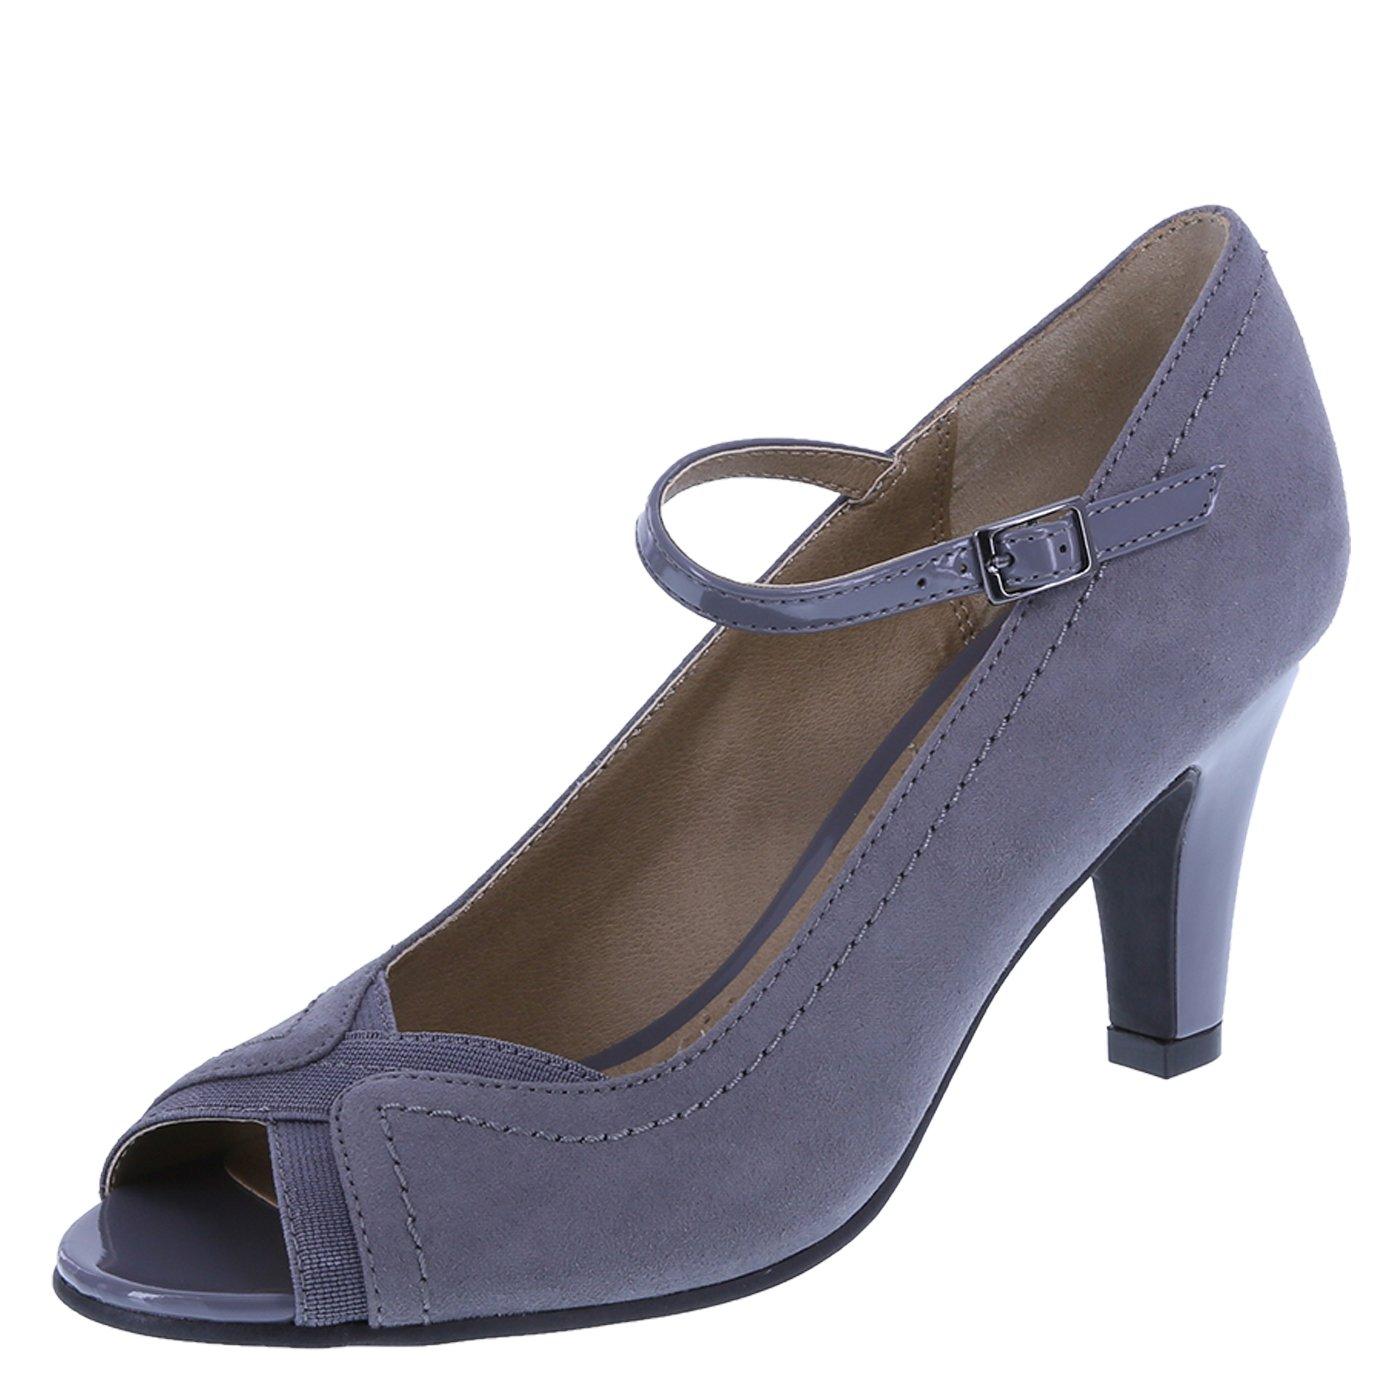 dexflex Comfort Grey Suede Women's Malinda Peep Toe Pump 8.5 Regular